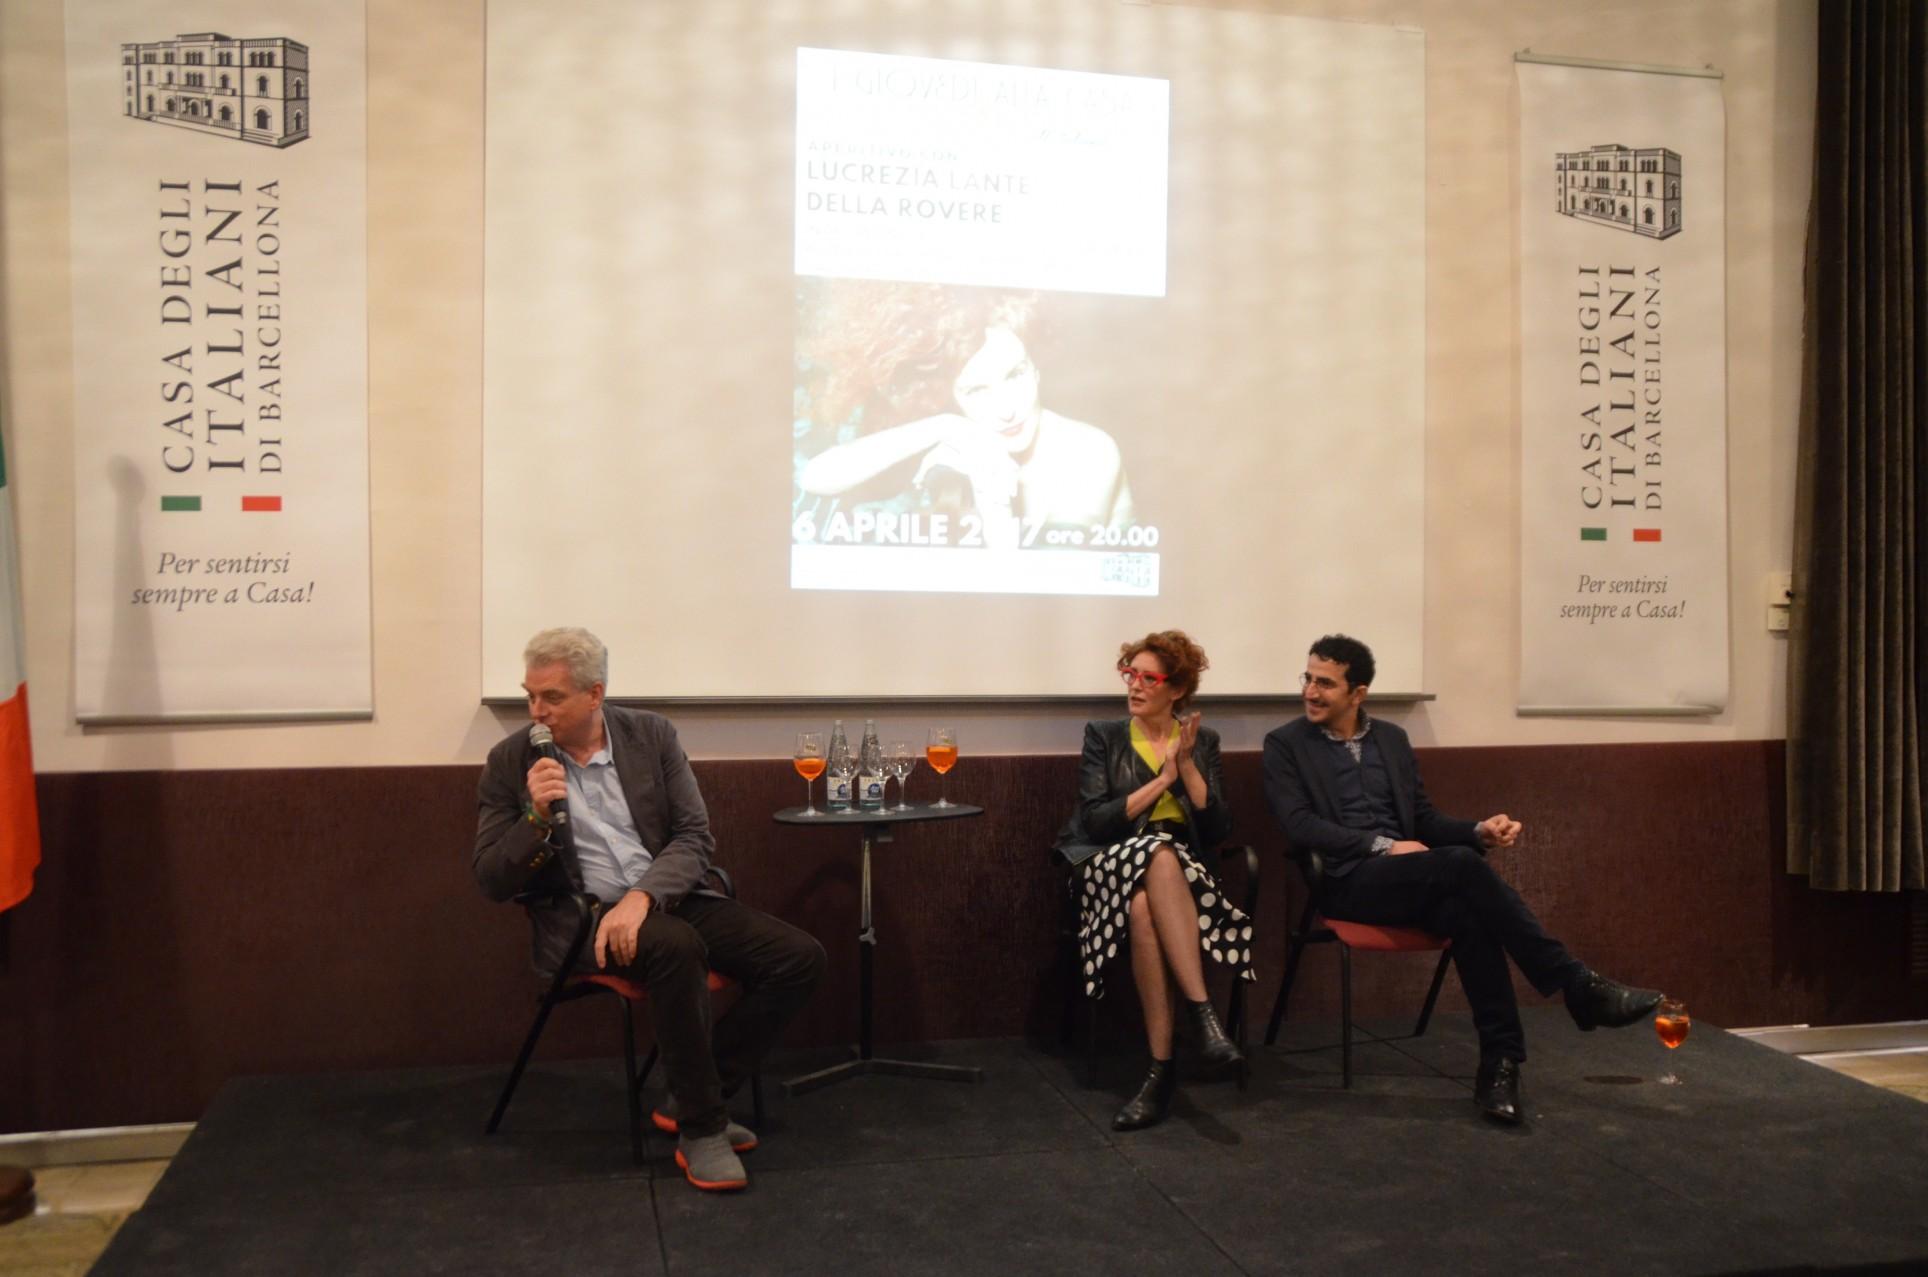 Lucrezia Lante della Rovere con Guido Torlonia (con il microfono) e Francesco Zecca